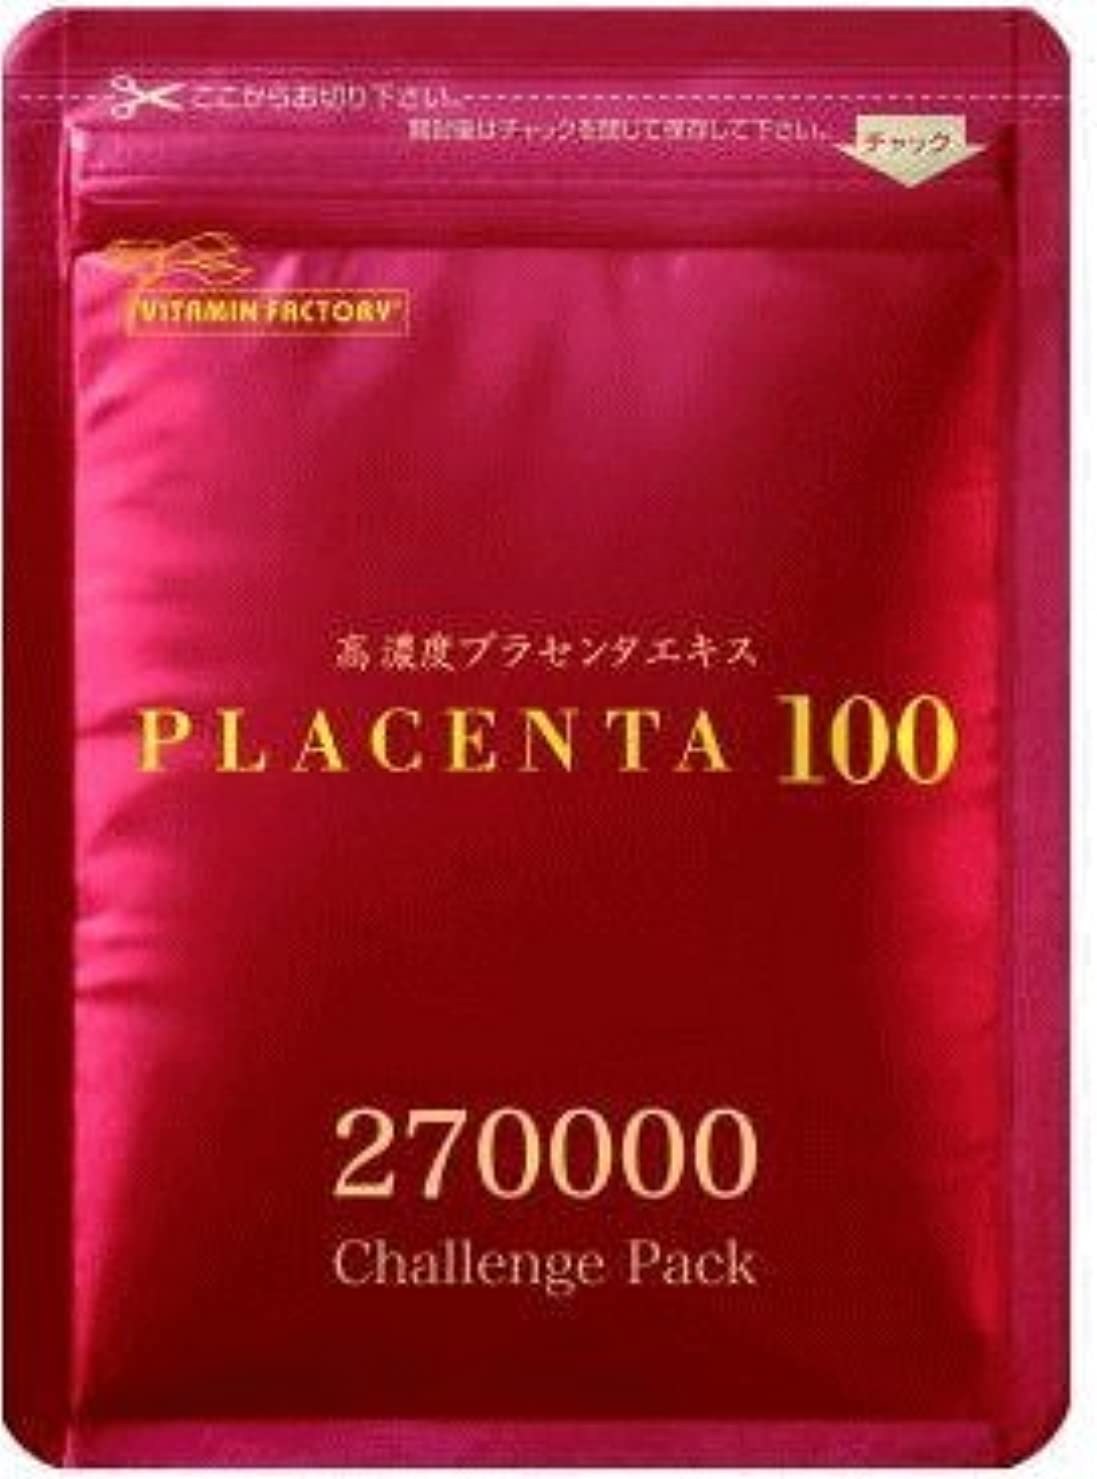 曖昧な魔法倉庫プラセンタ100 30粒 R&Y  270000チャレンジパック